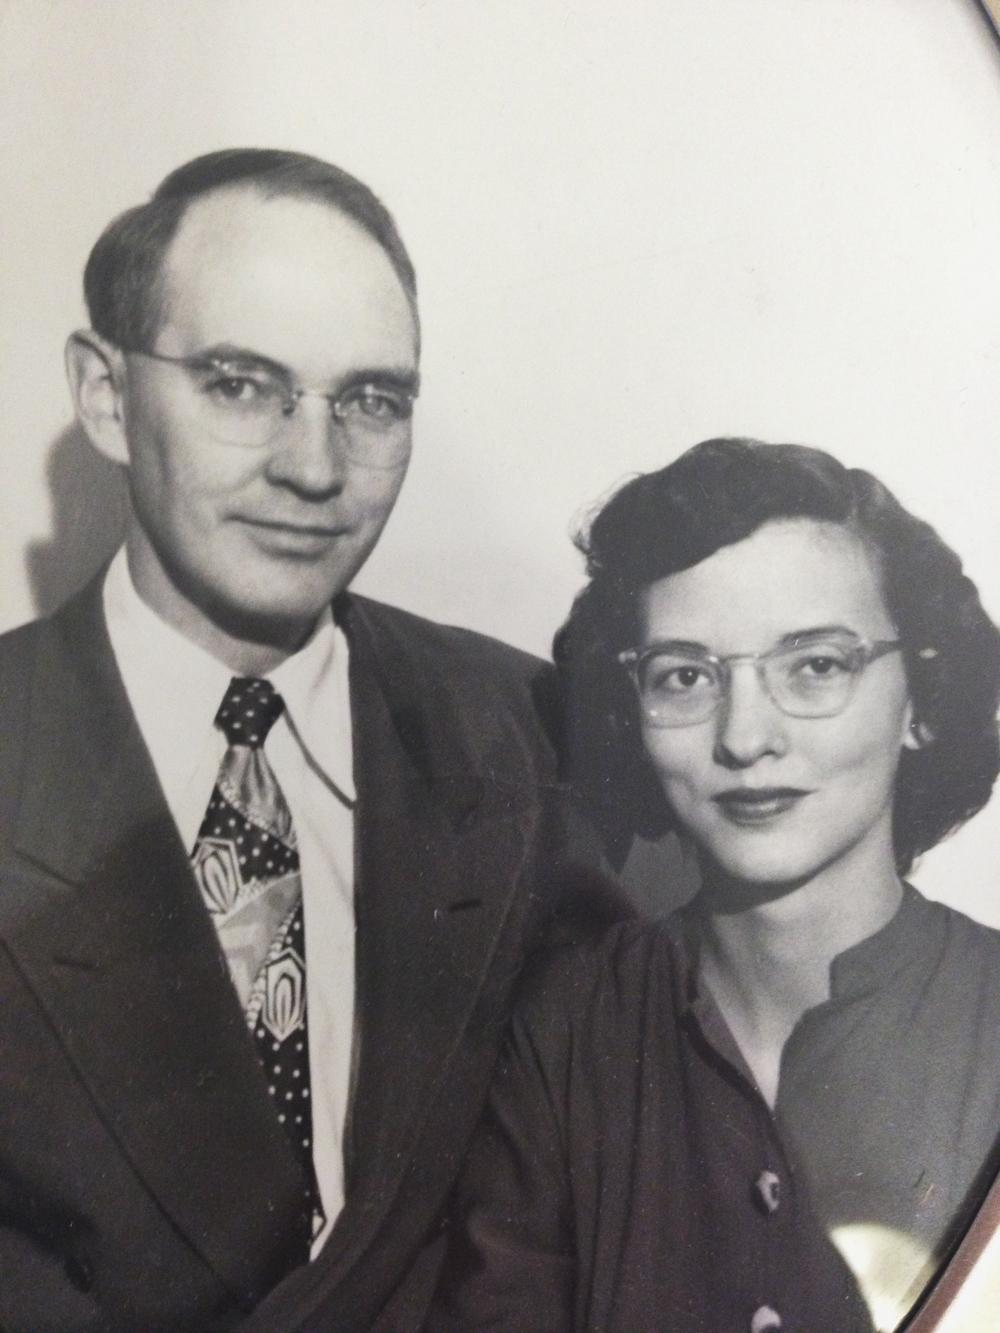 McKay and Velma